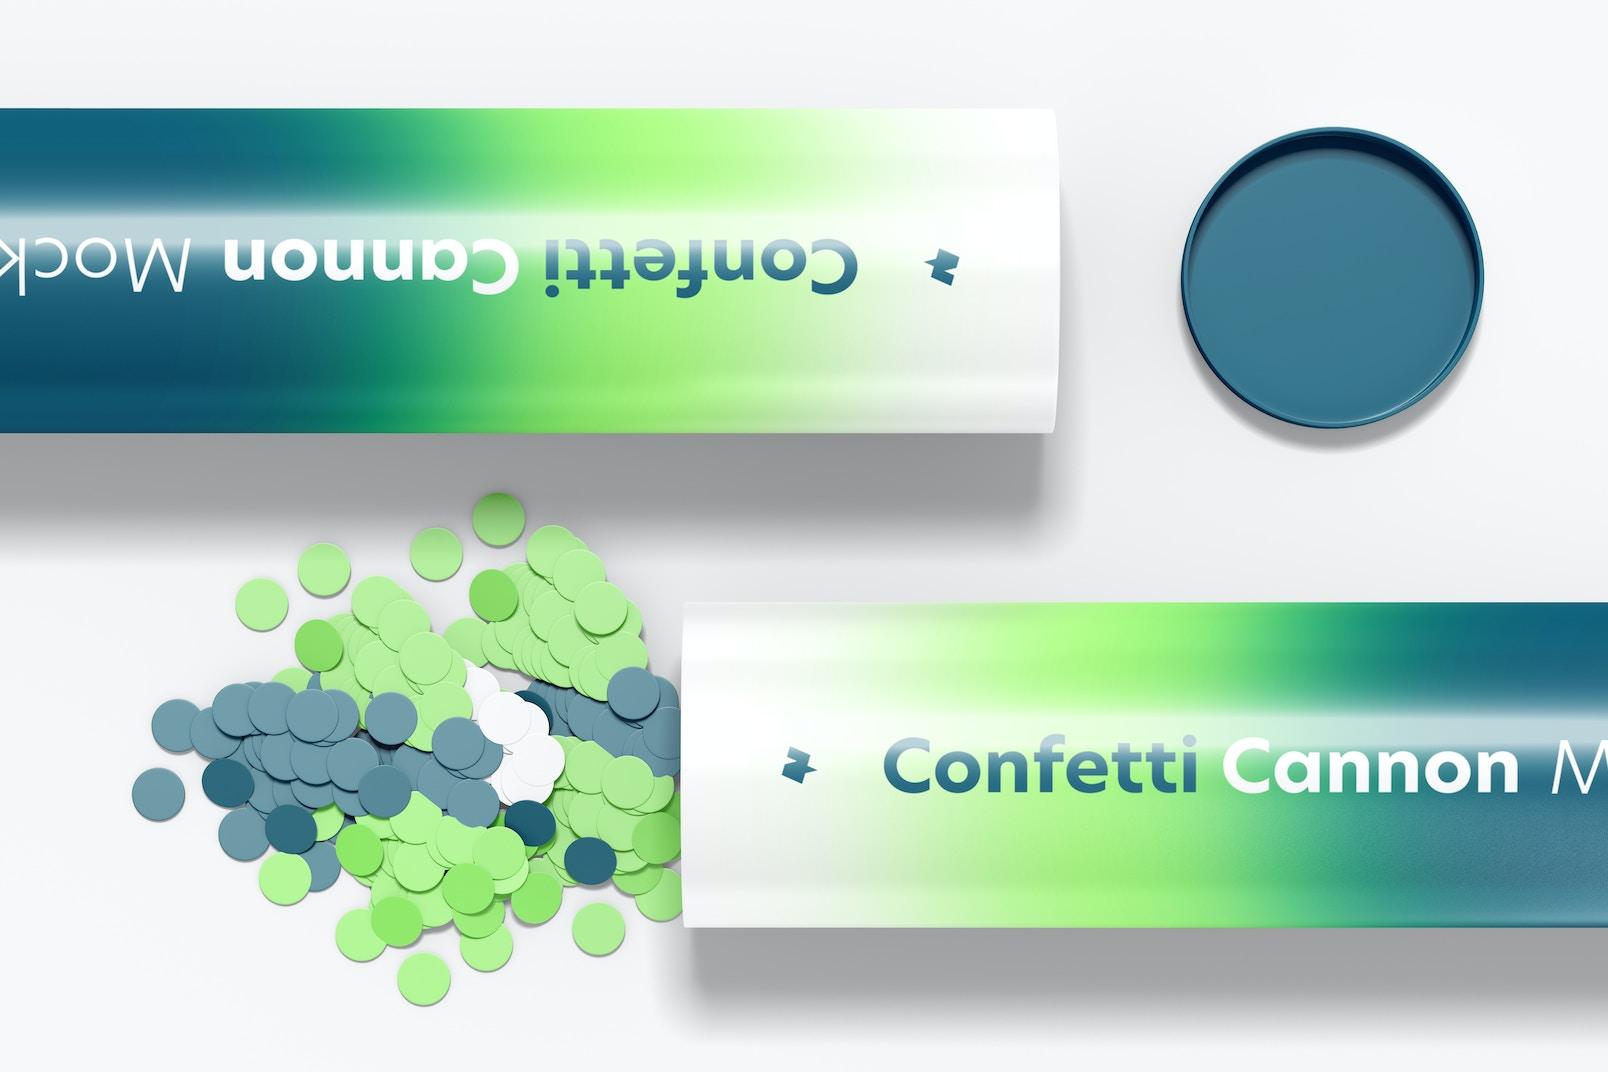 Confetti Cannon Mockup, Close-up